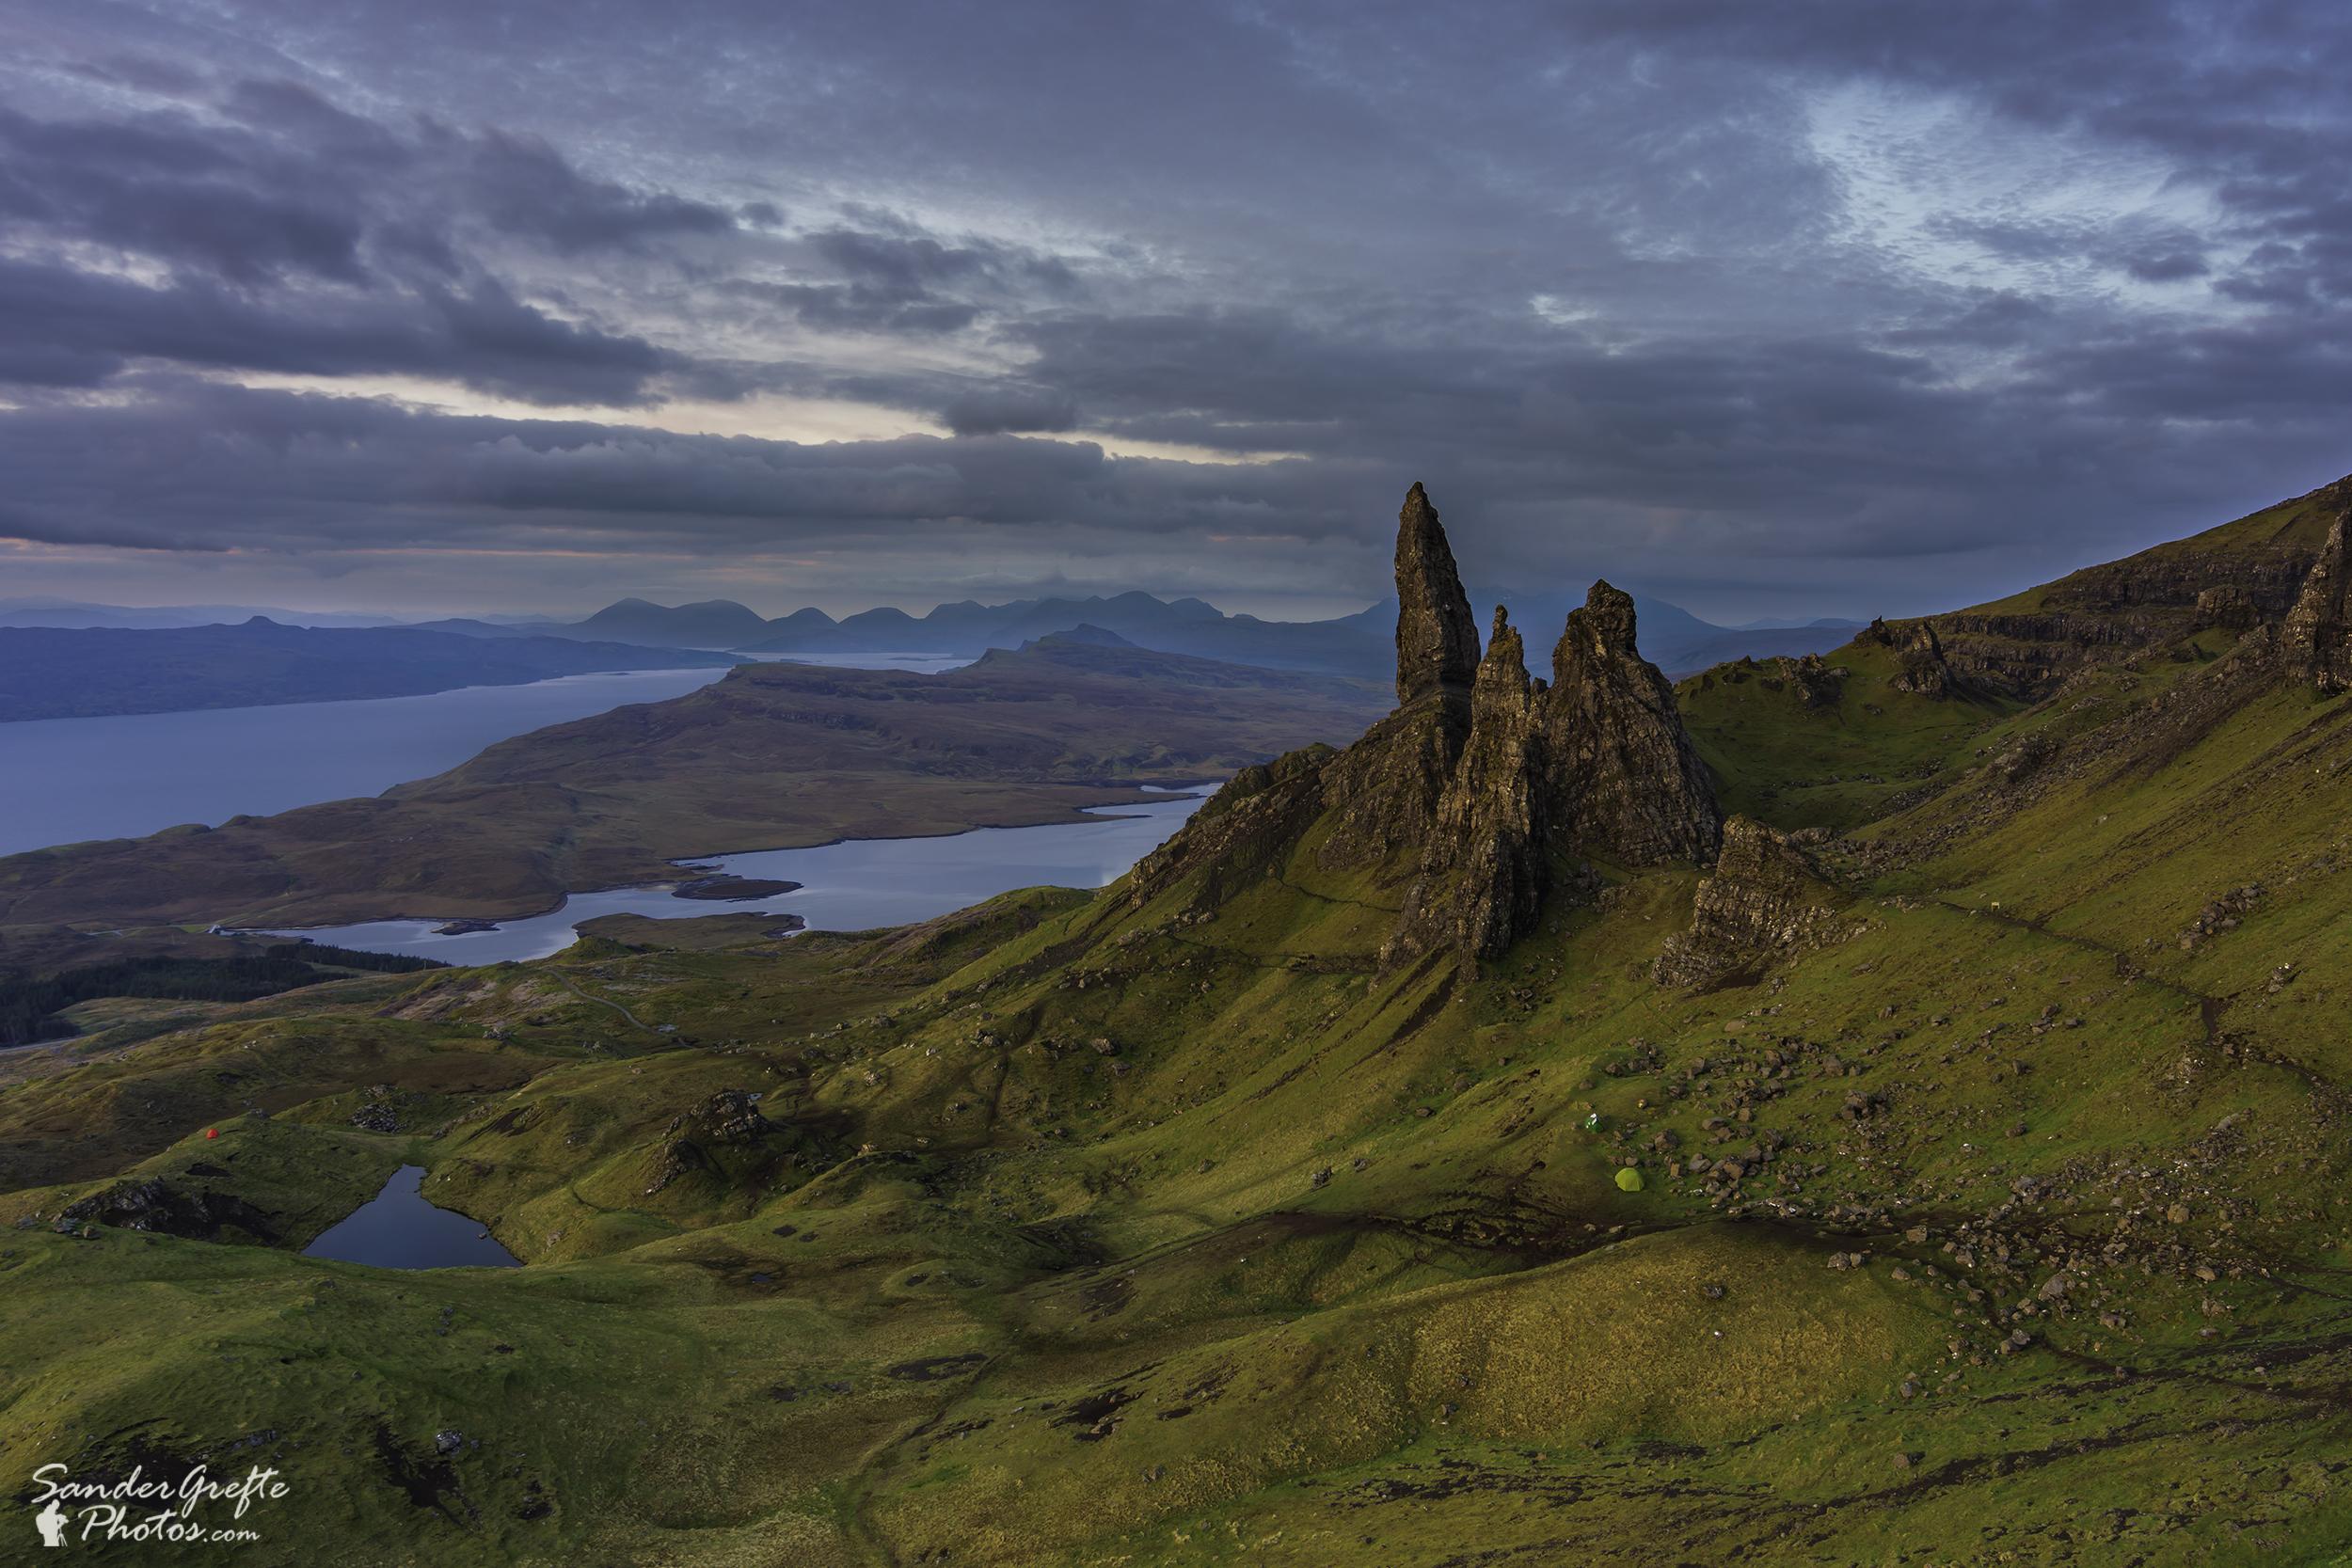 Prachtig uitzicht op de Old Man of Storr (Nikon D7200, 18mm, iso 100, f11, 1,3s)